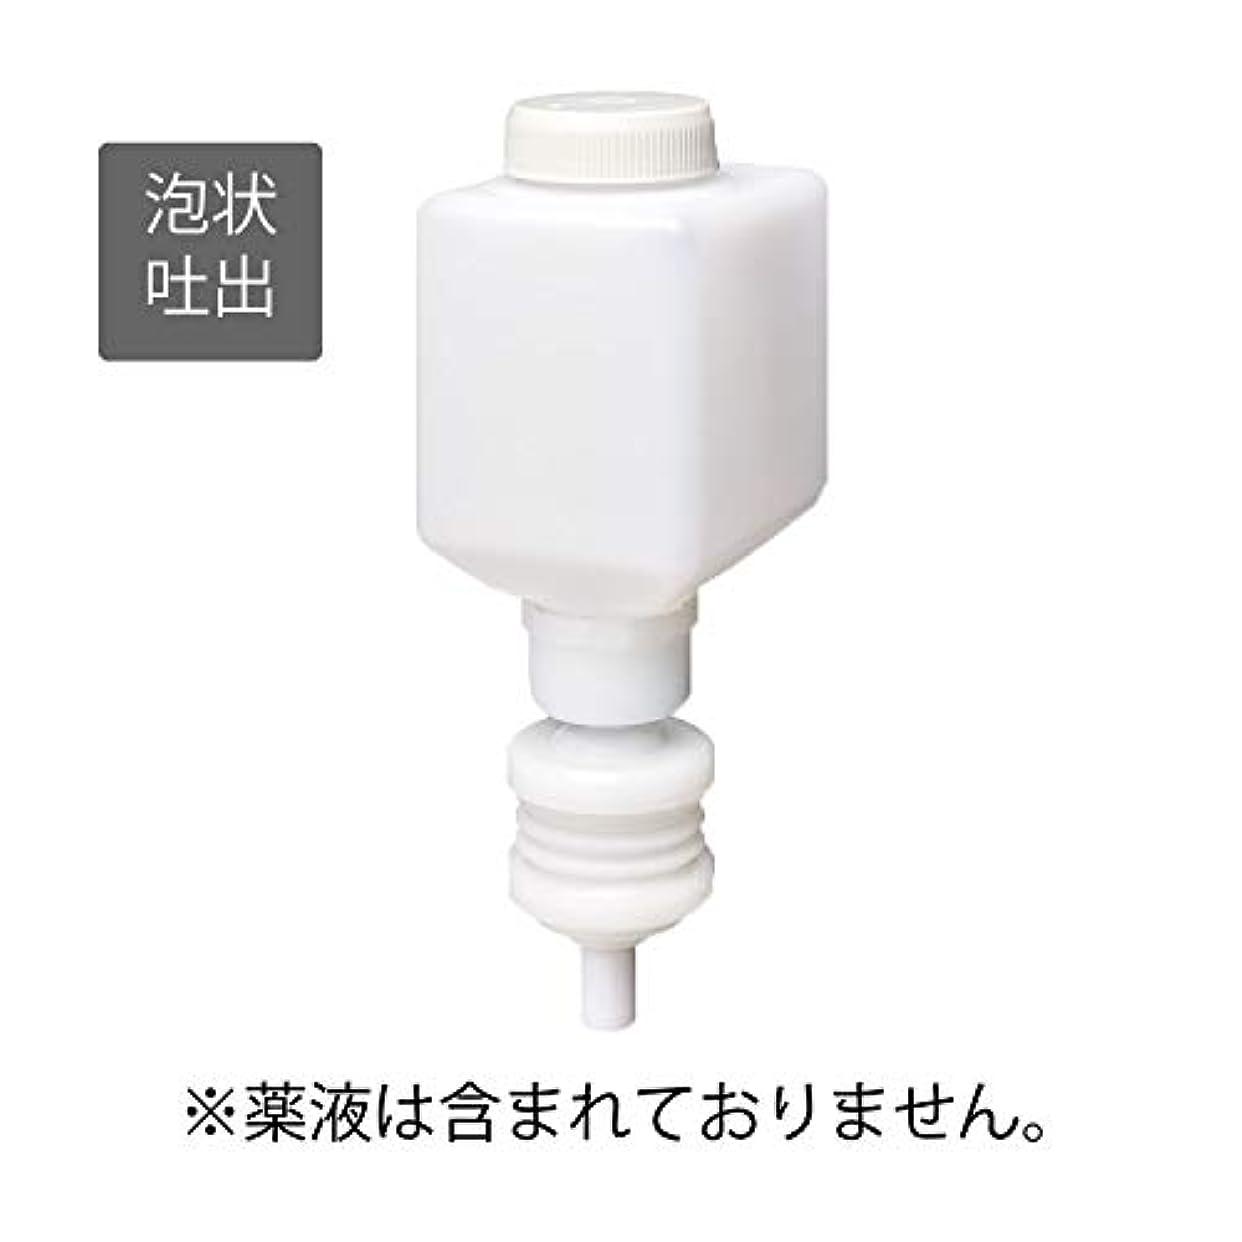 アソシエイト衣服監査サラヤ カートリッジボトル 石けん液泡タイプ用 250ml MD-300